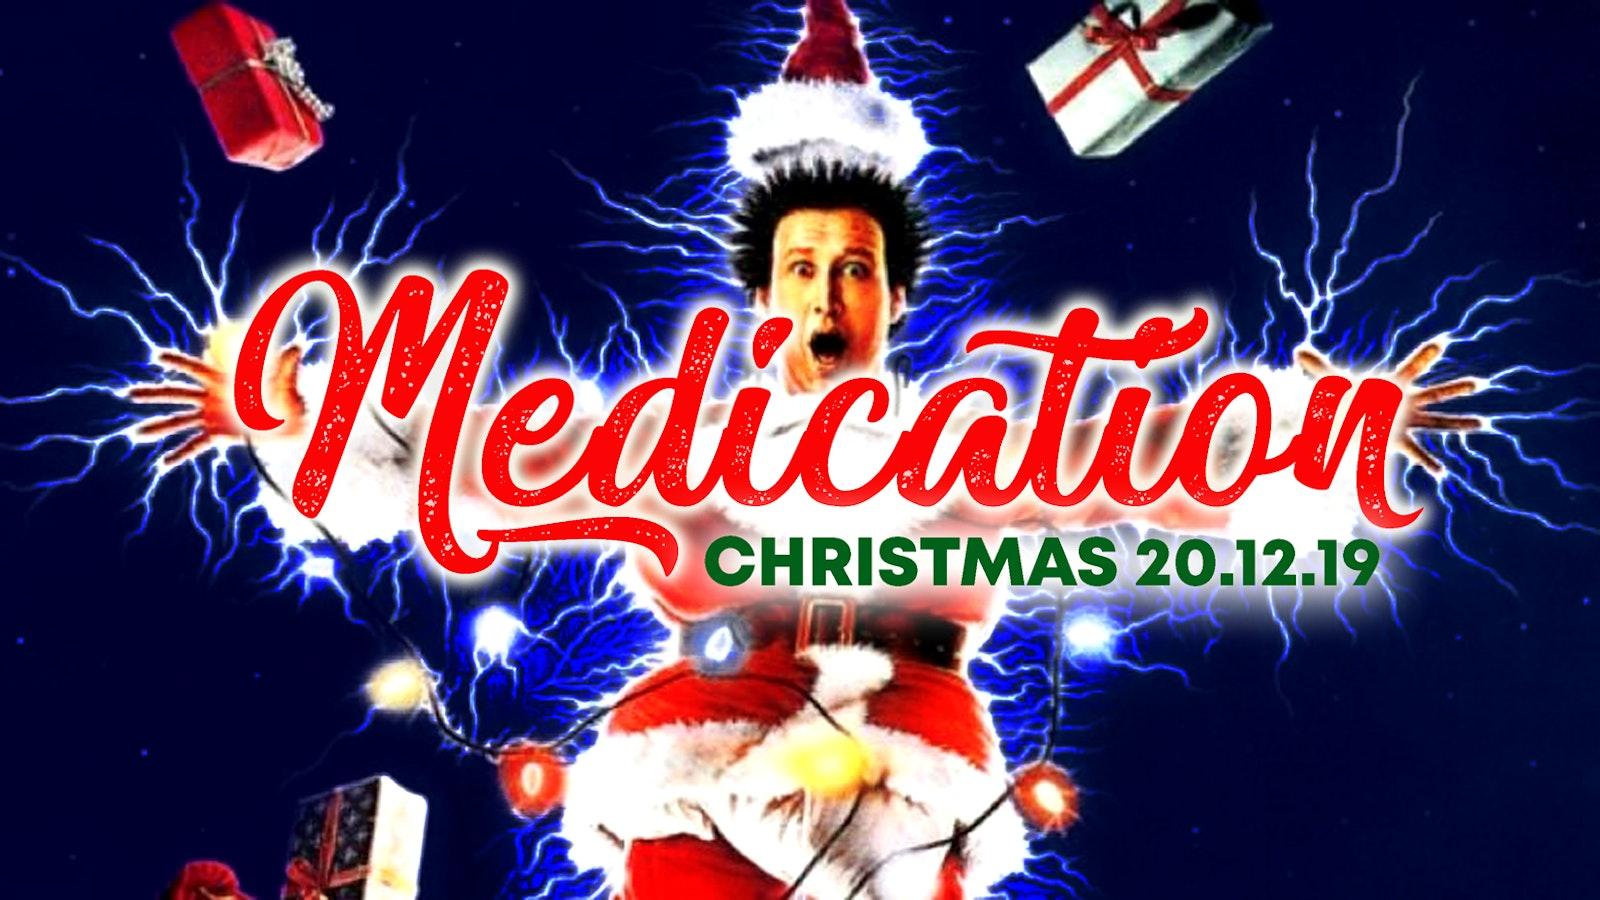 MEDICATION – CHRISTMAS